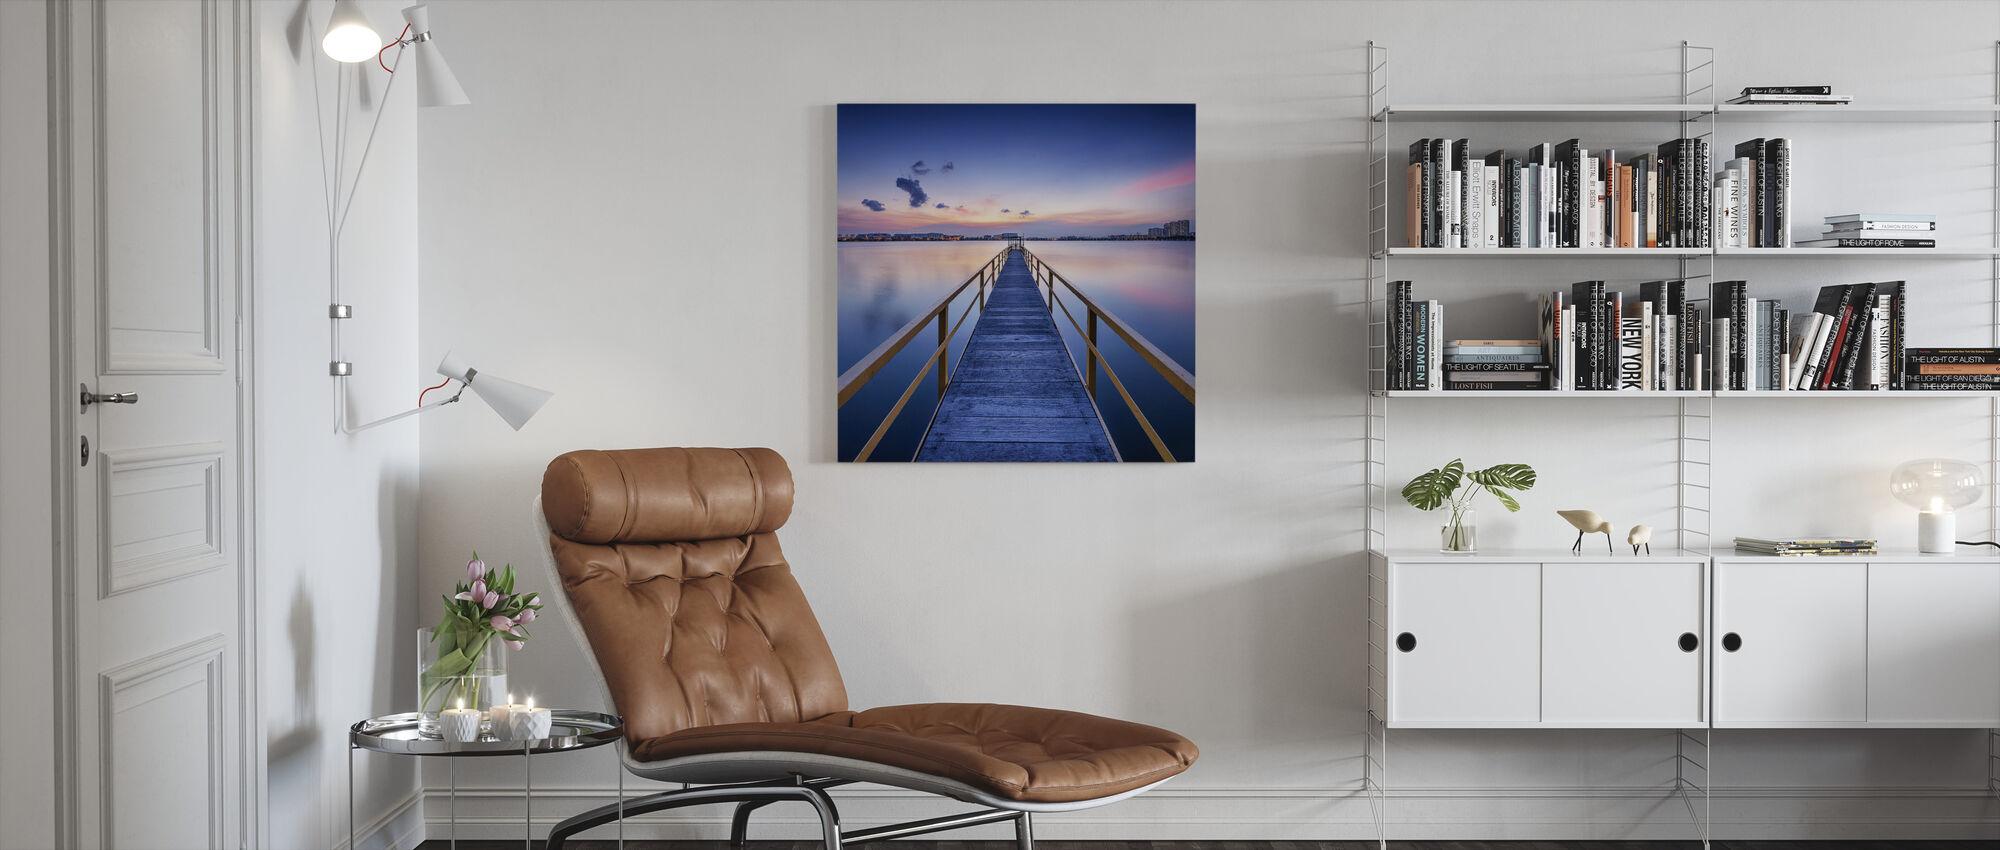 Rosy Sunset Pier - Leinwandbild - Wohnzimmer